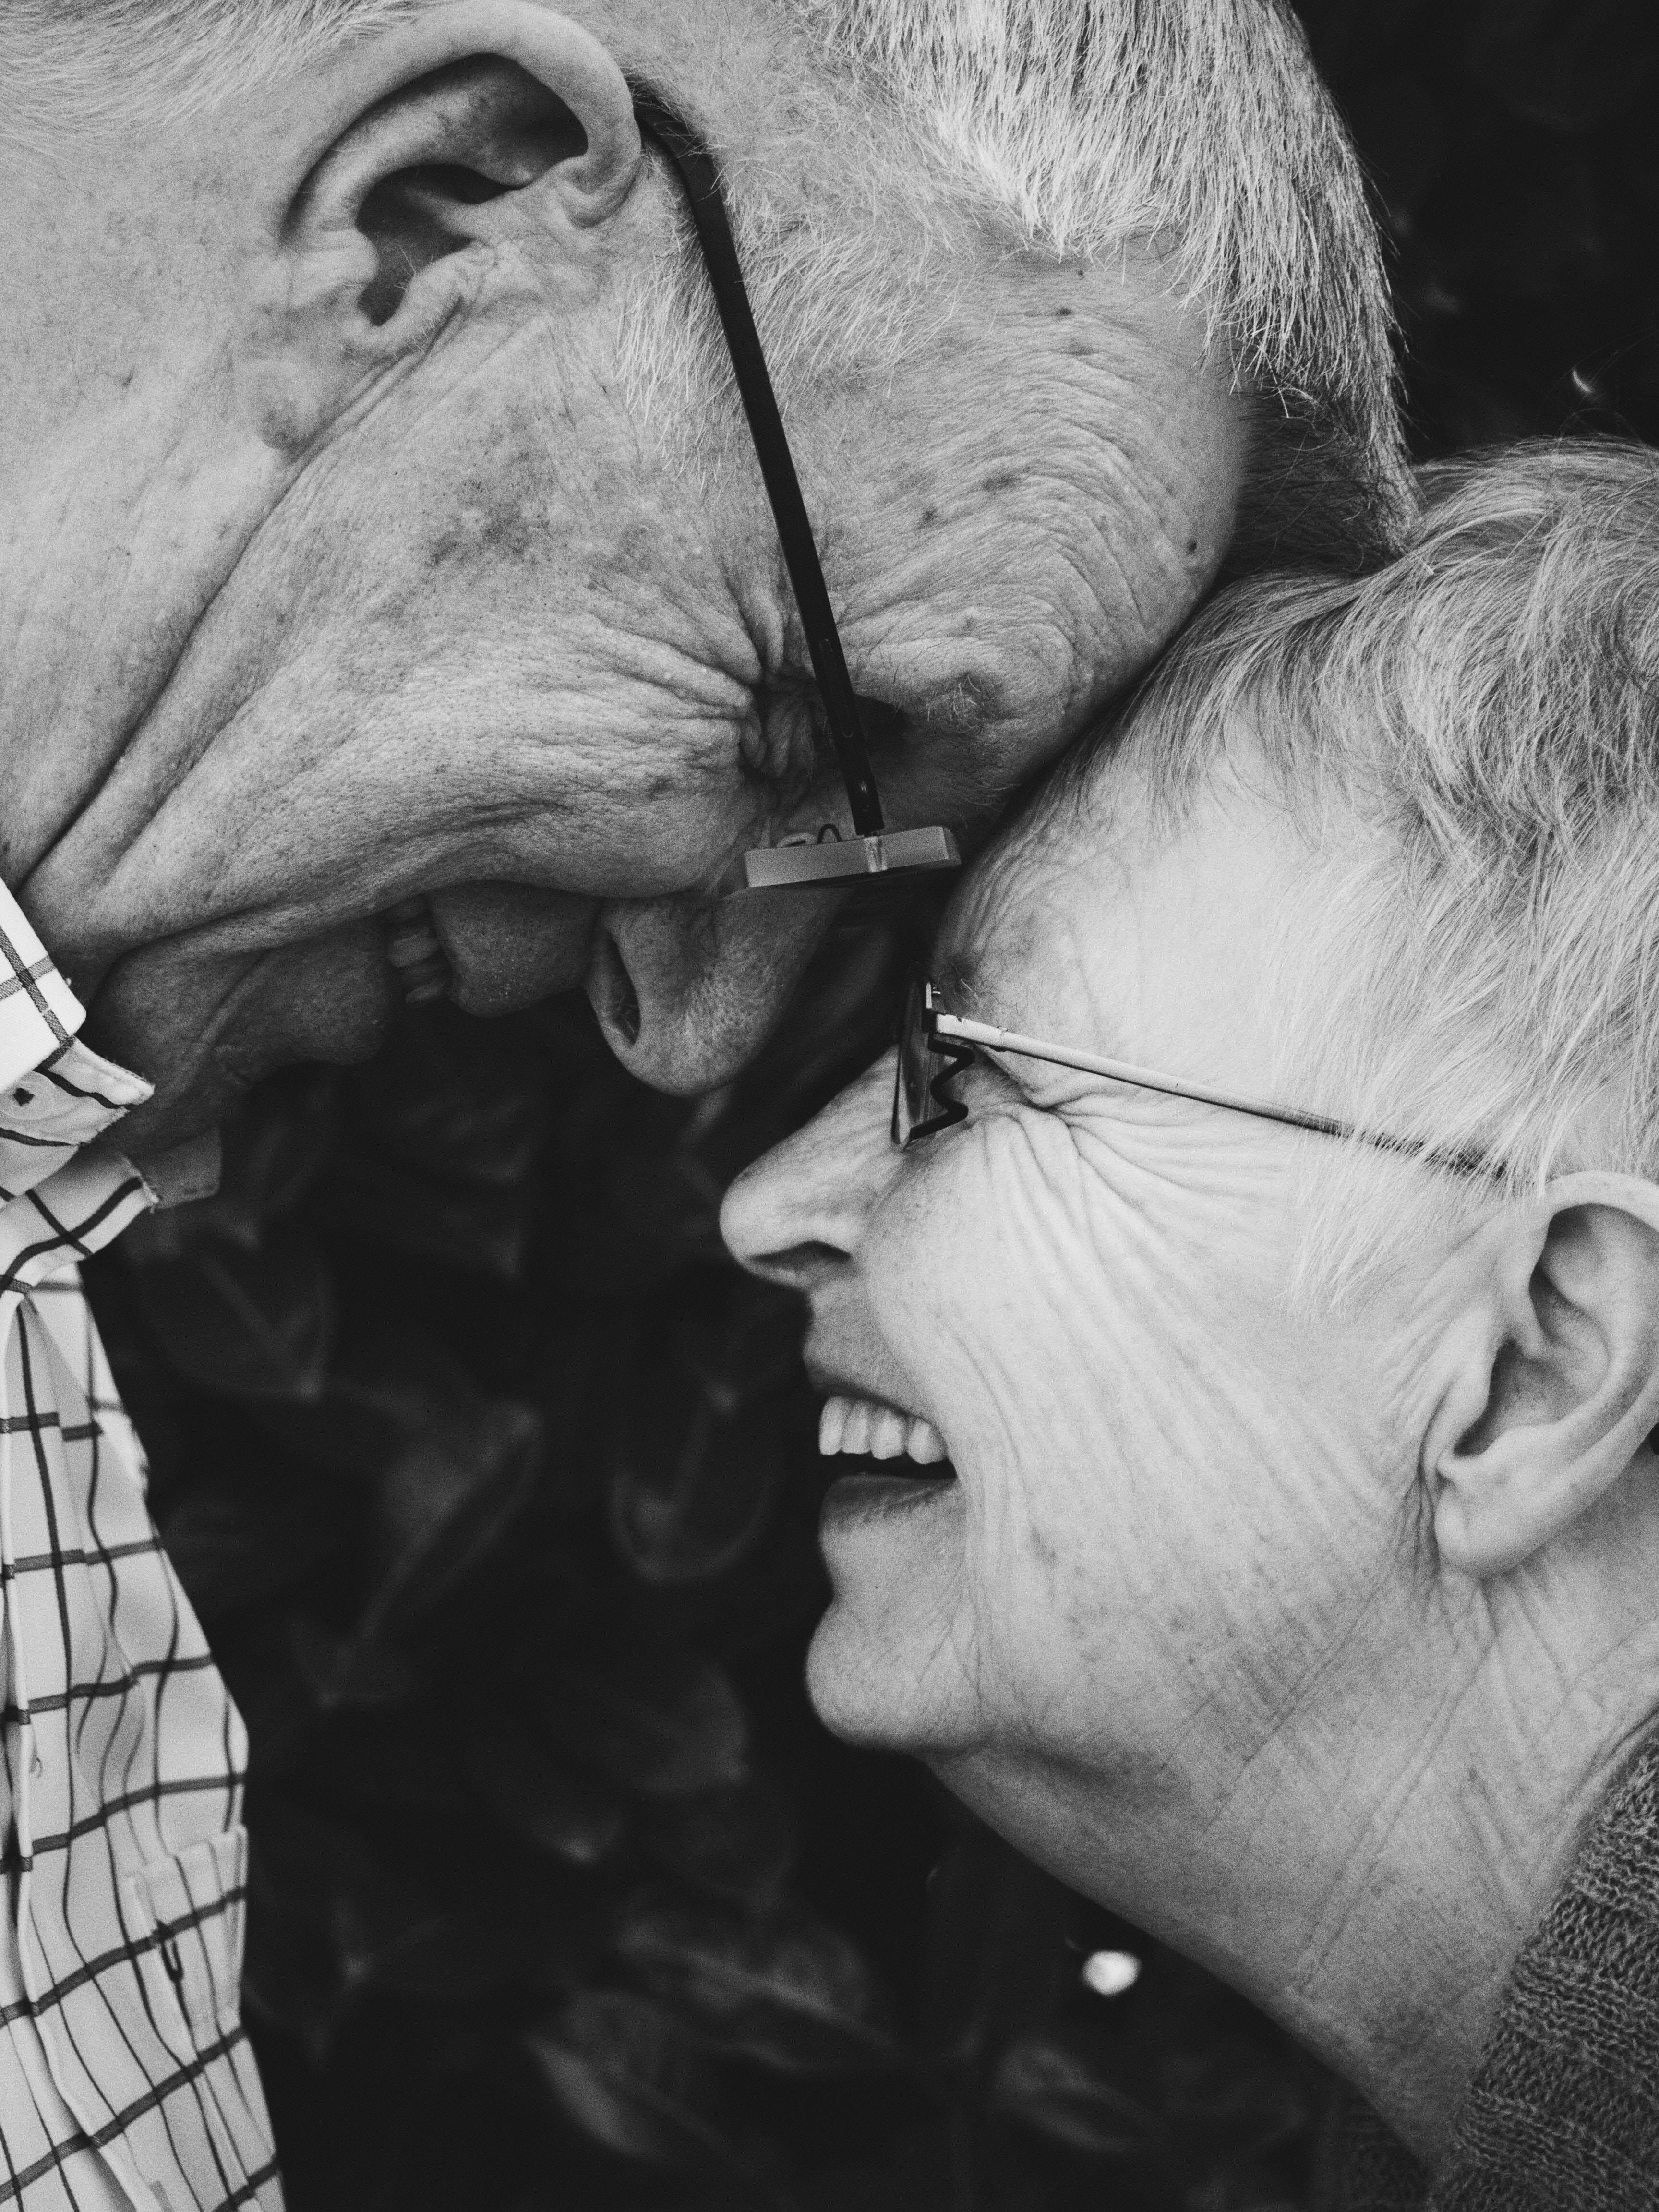 Image principale de l'article De quelle somme ai-je besoin pour prendre ma retraite?